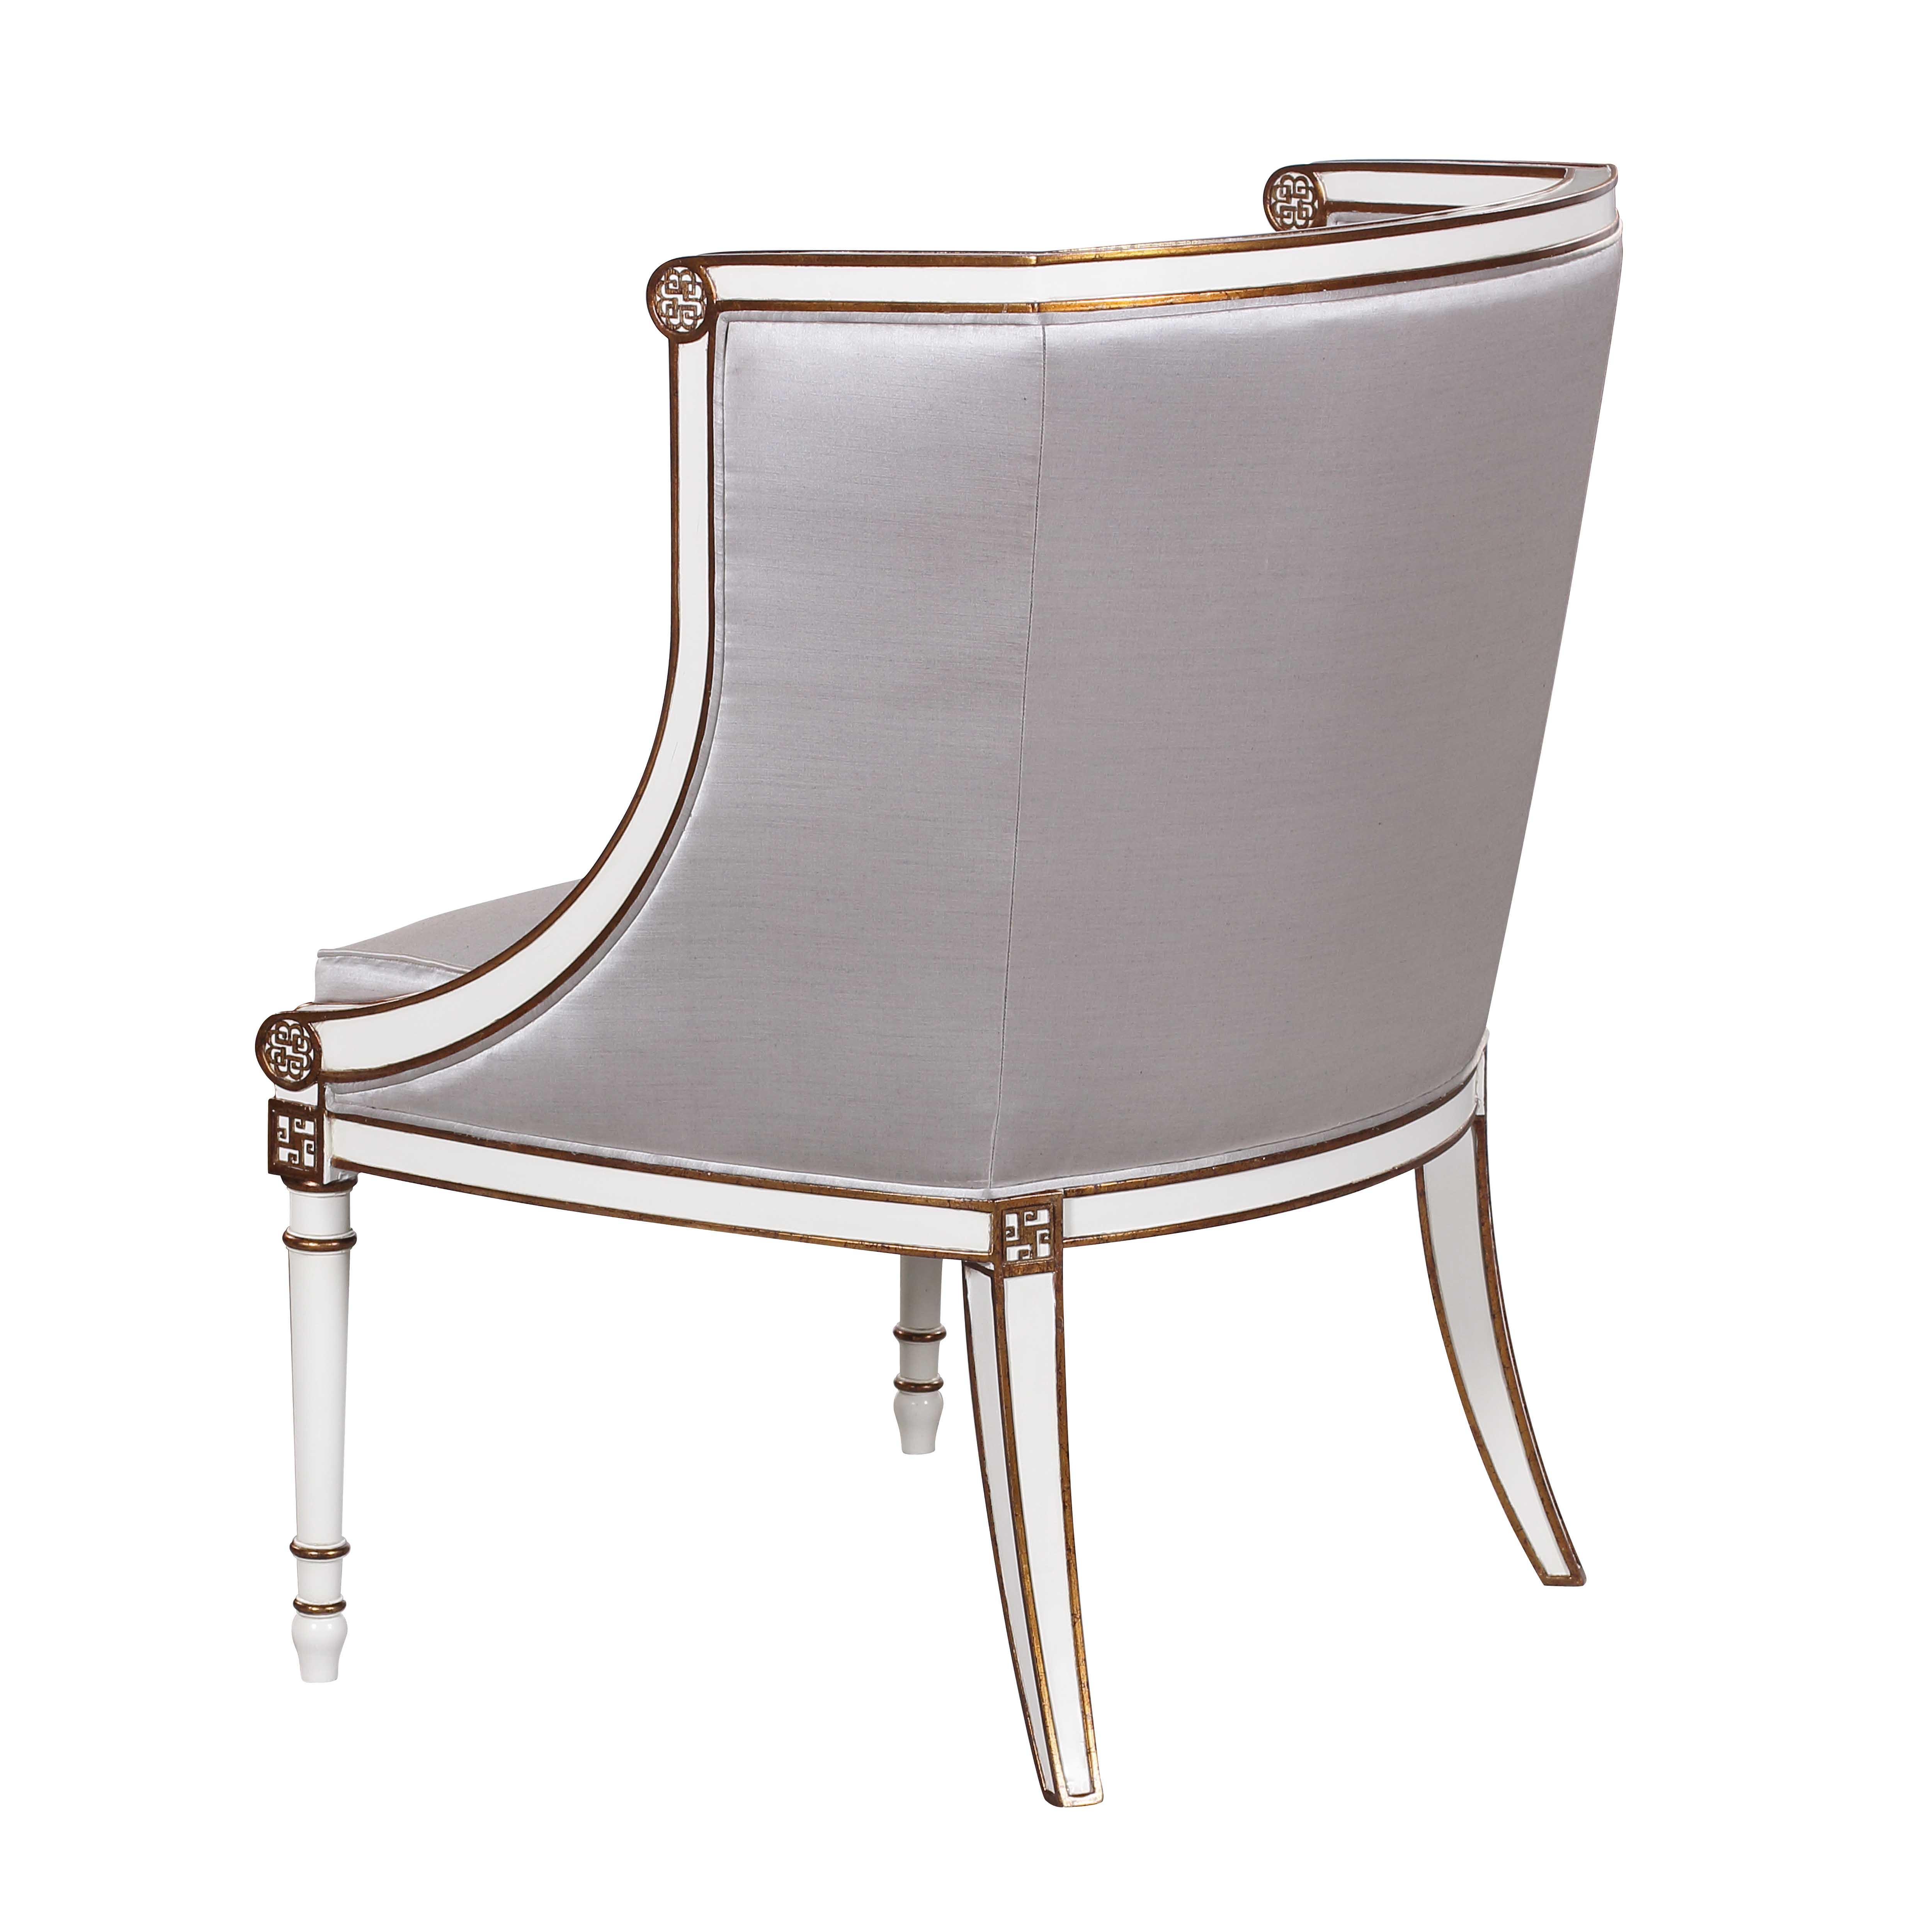 34277 - Chair Orgullo, JWI + NF9 + 121- 3